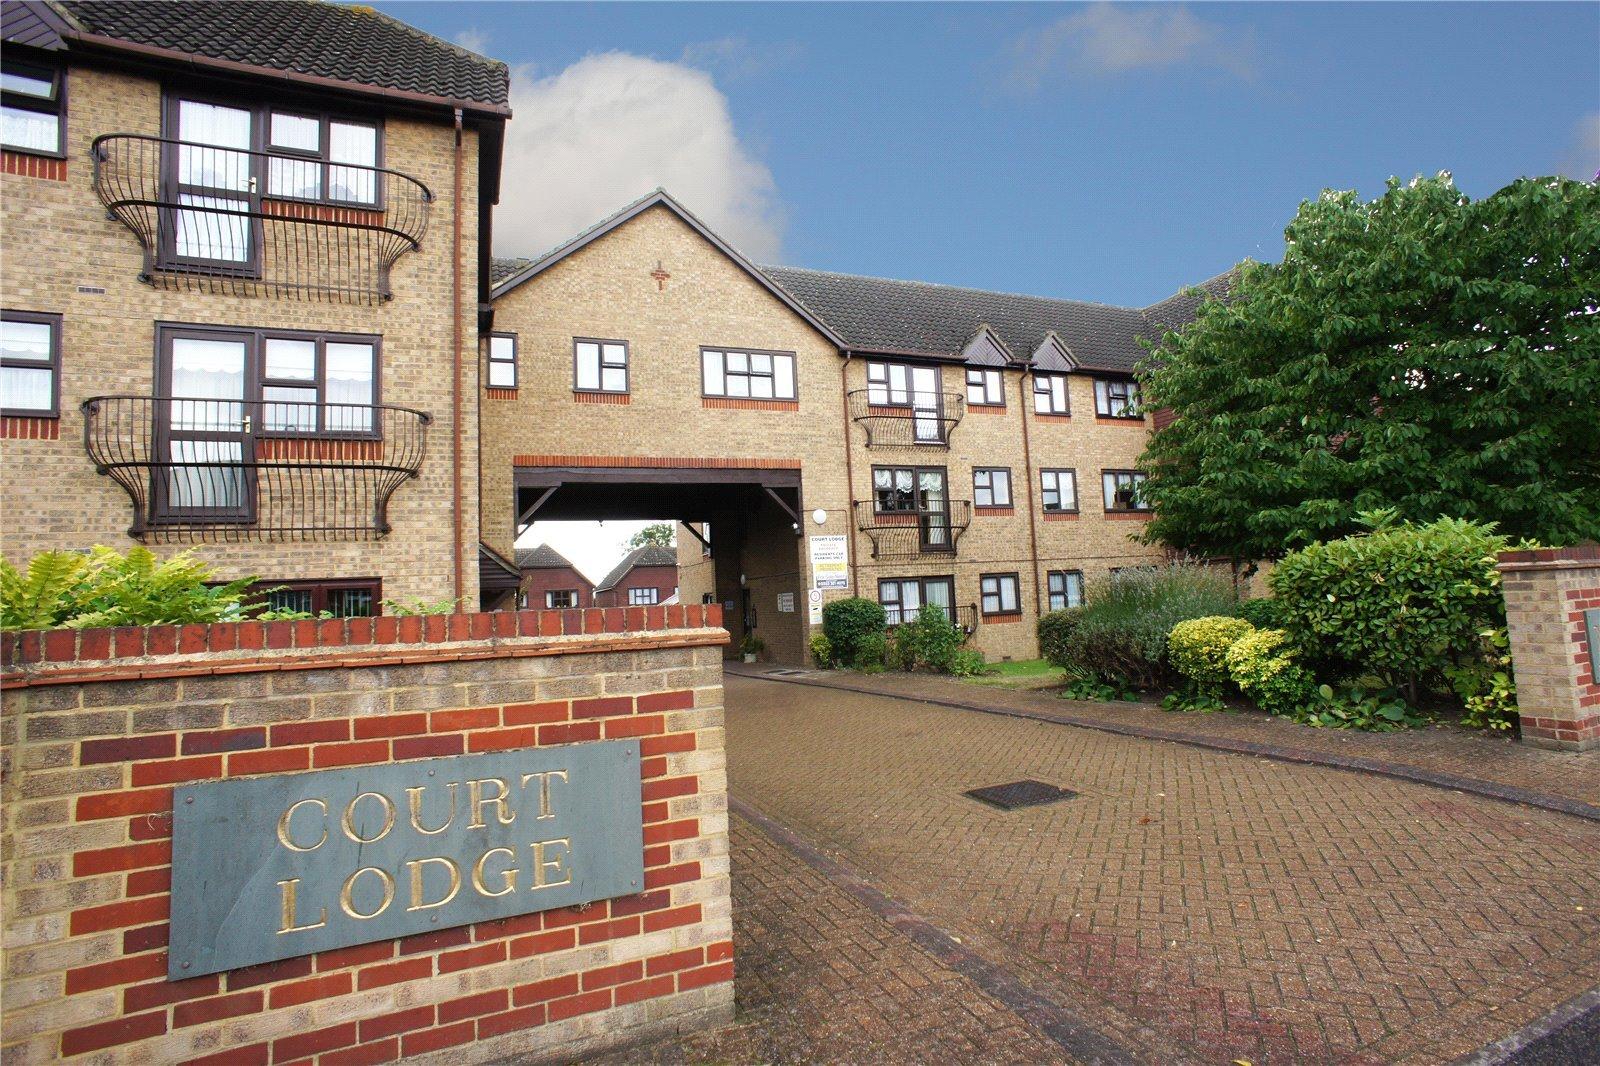 Court Lodge, Erith Road, Belvedere, DA17